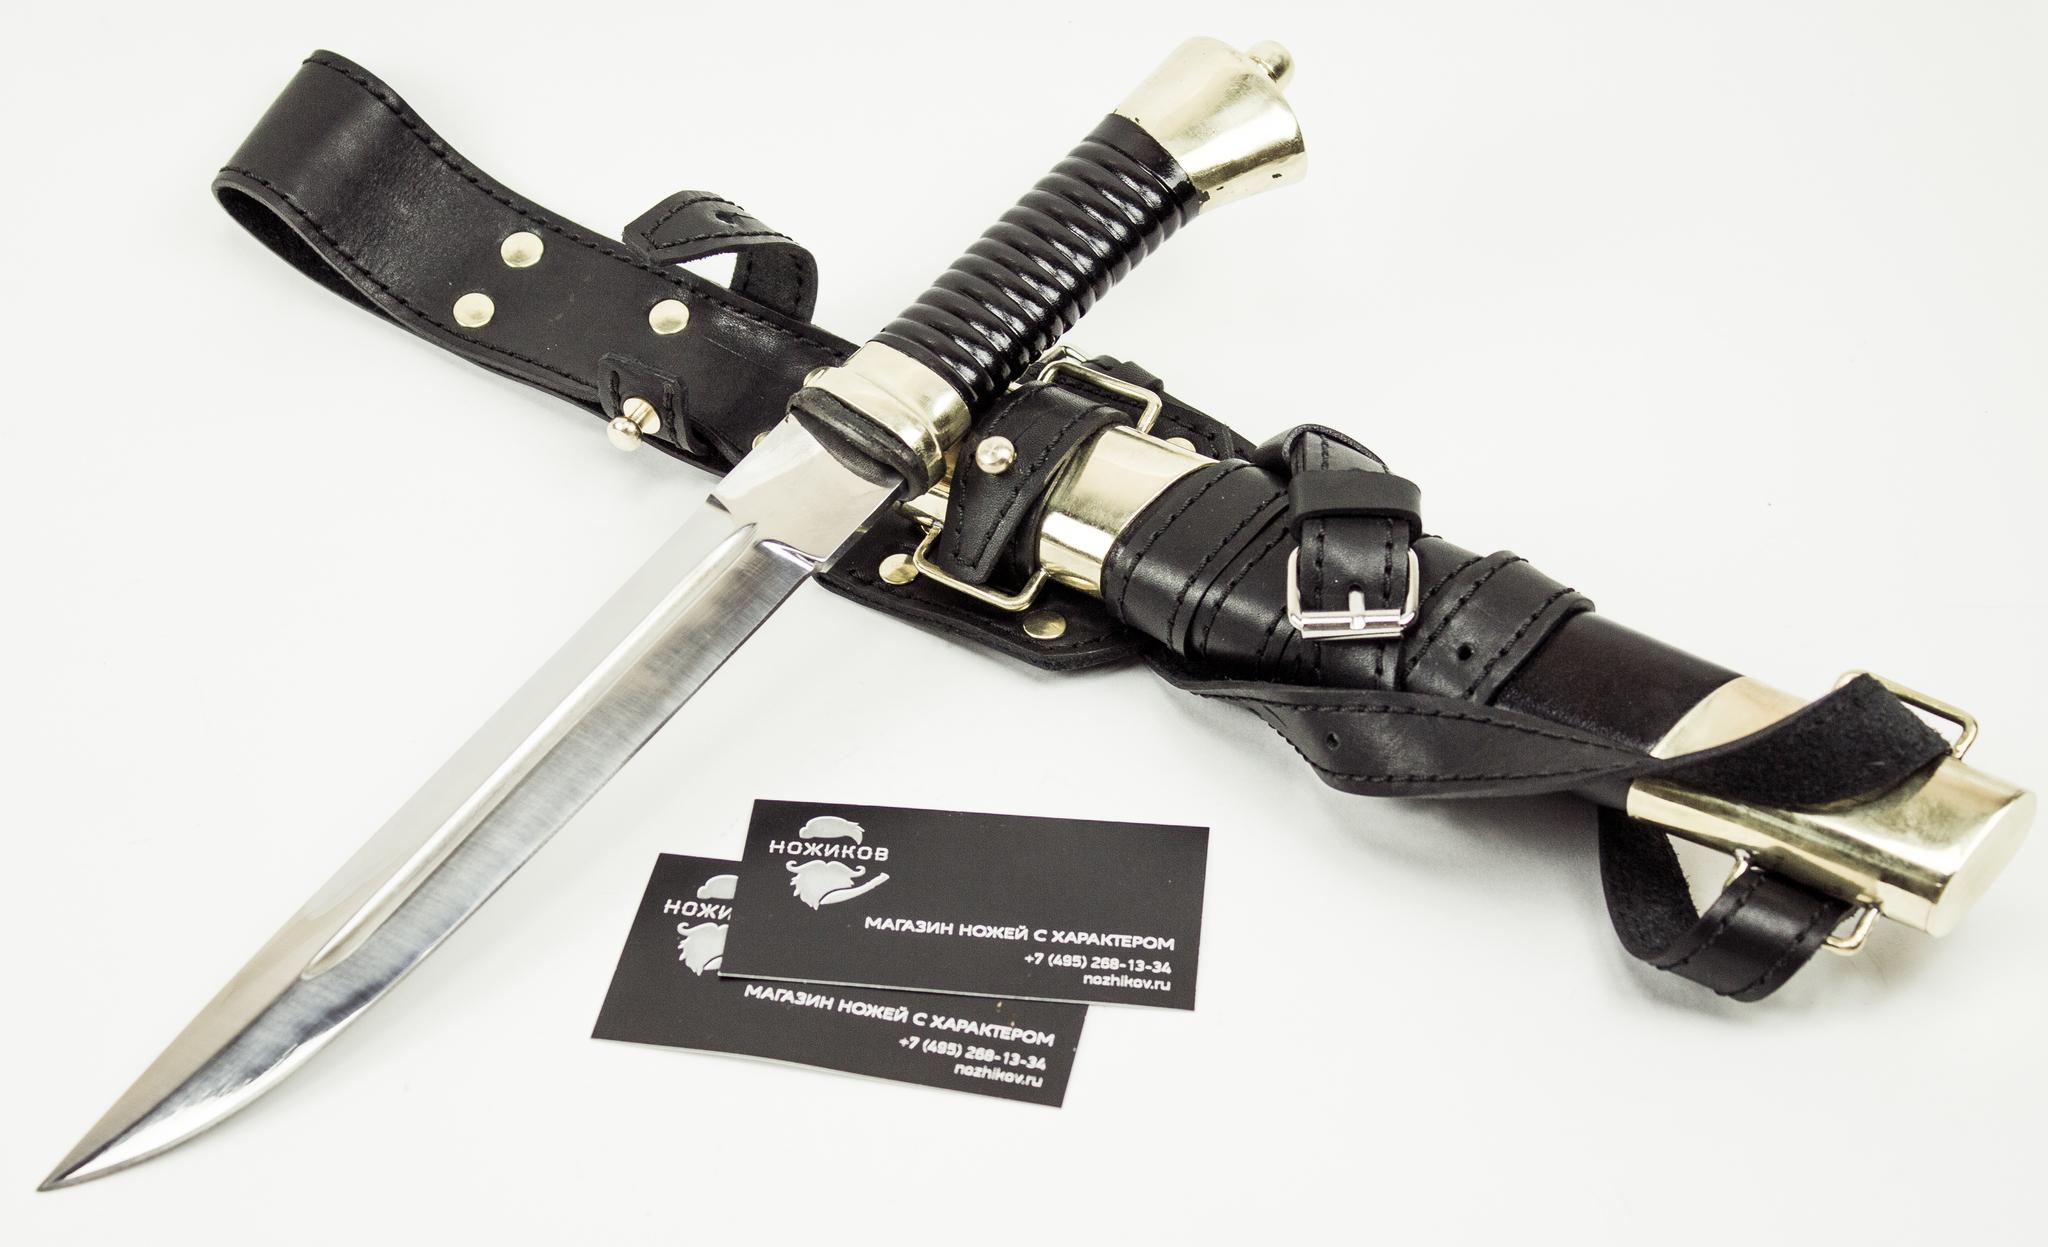 Нож Пластунский, сталь 95x18, латунь от Донская ремесленная фабрика